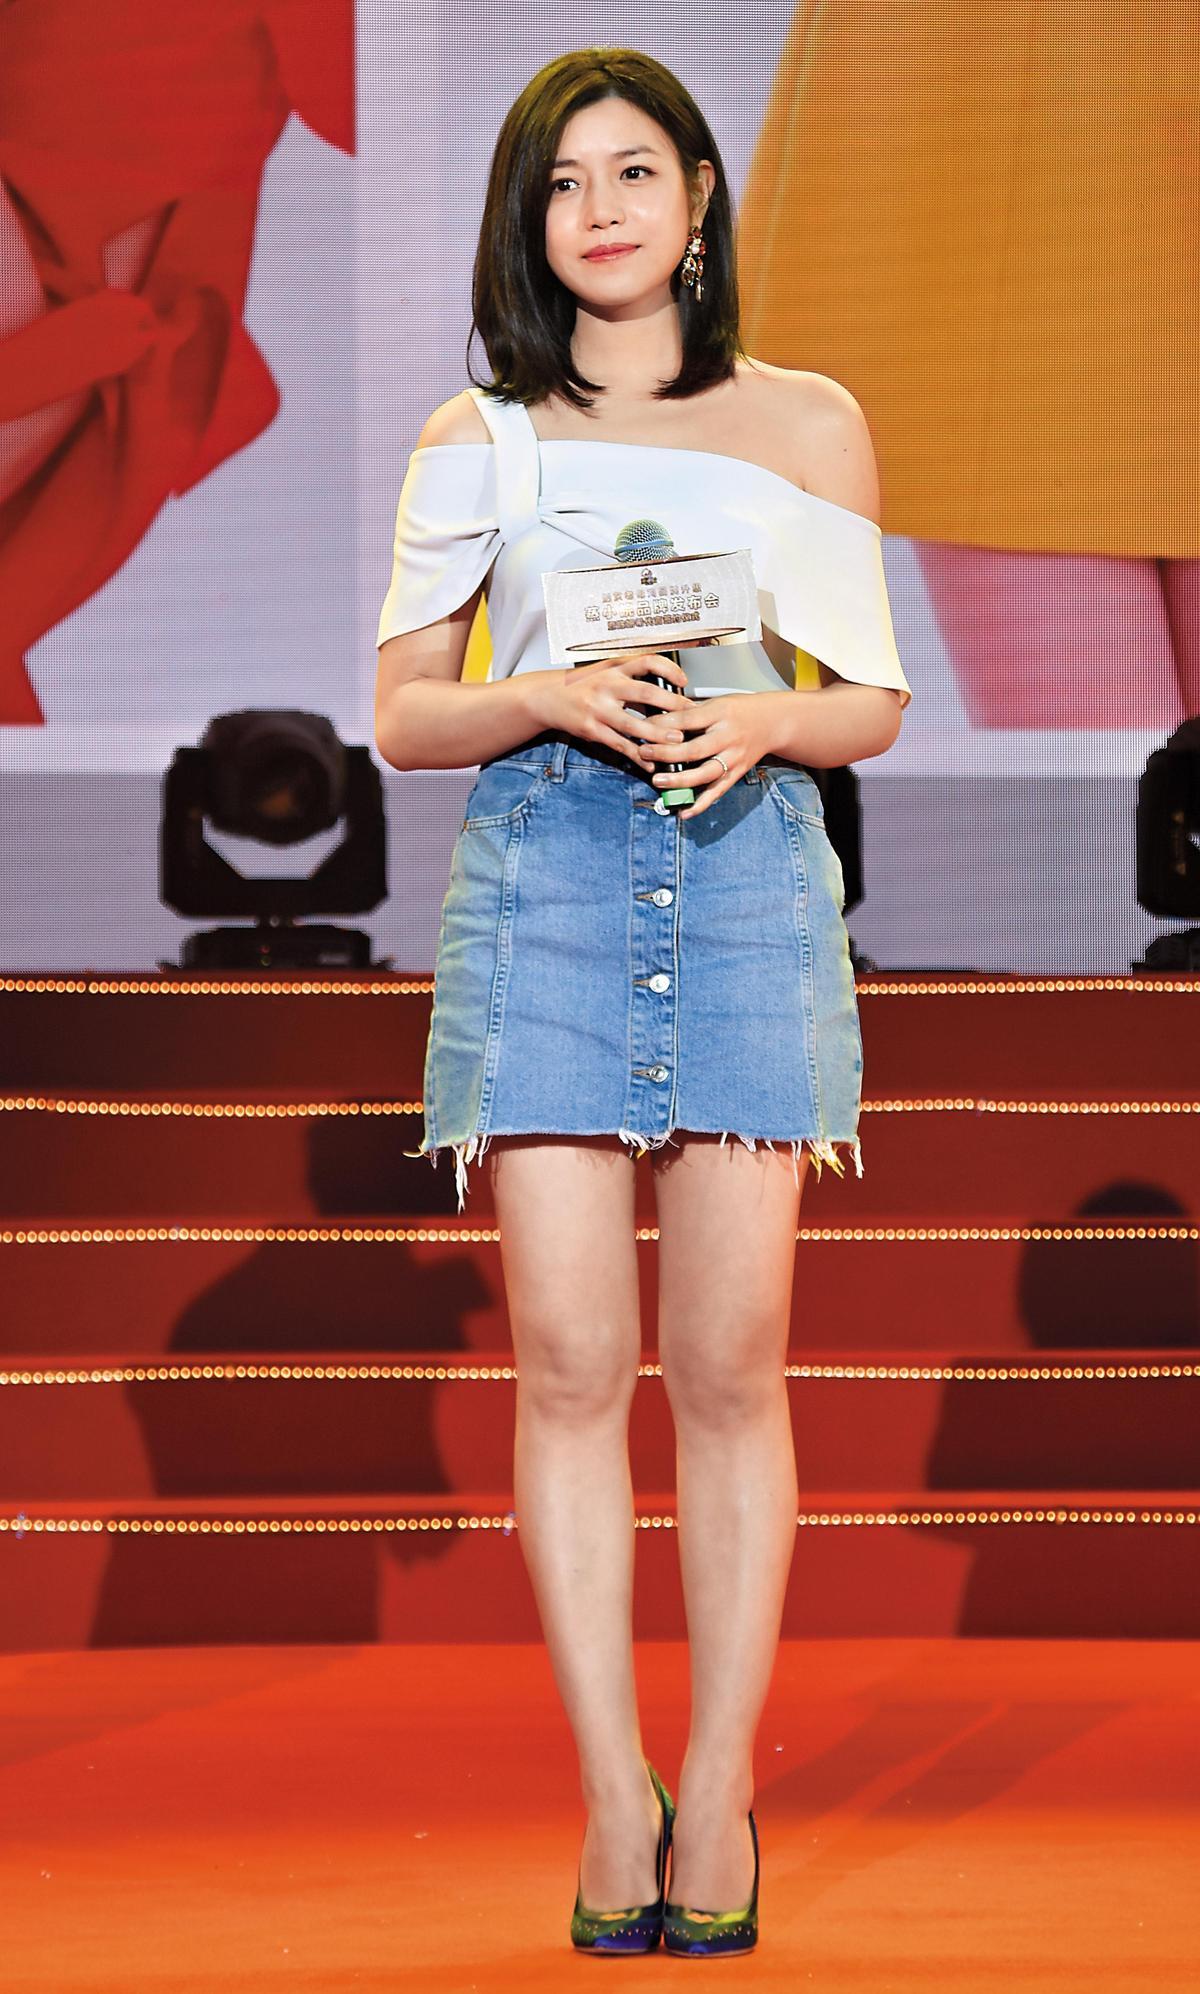 已經當媽的陳妍希為中國餐飲品牌代言,穿著露出美肩的斜肩設計上衣,搭配牛仔短裙,性感女人味被悠閒感中和,反而有著清新的甜美。(東方IC)